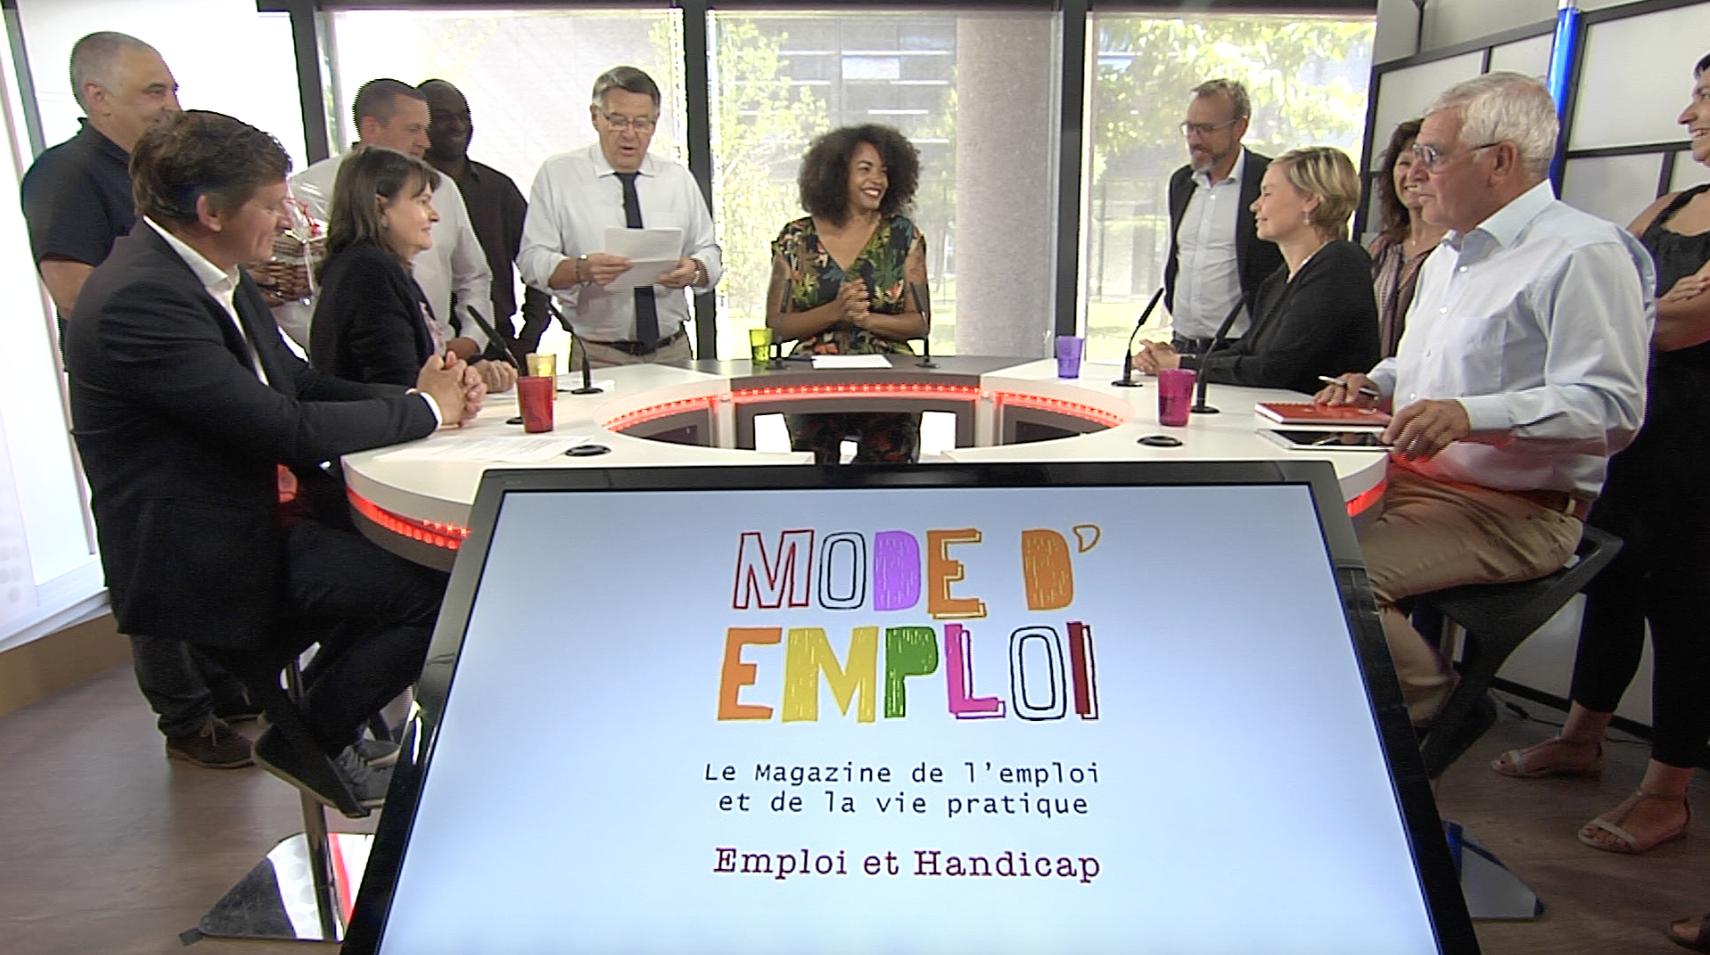 Emploi & Handicap 28 juin 2018